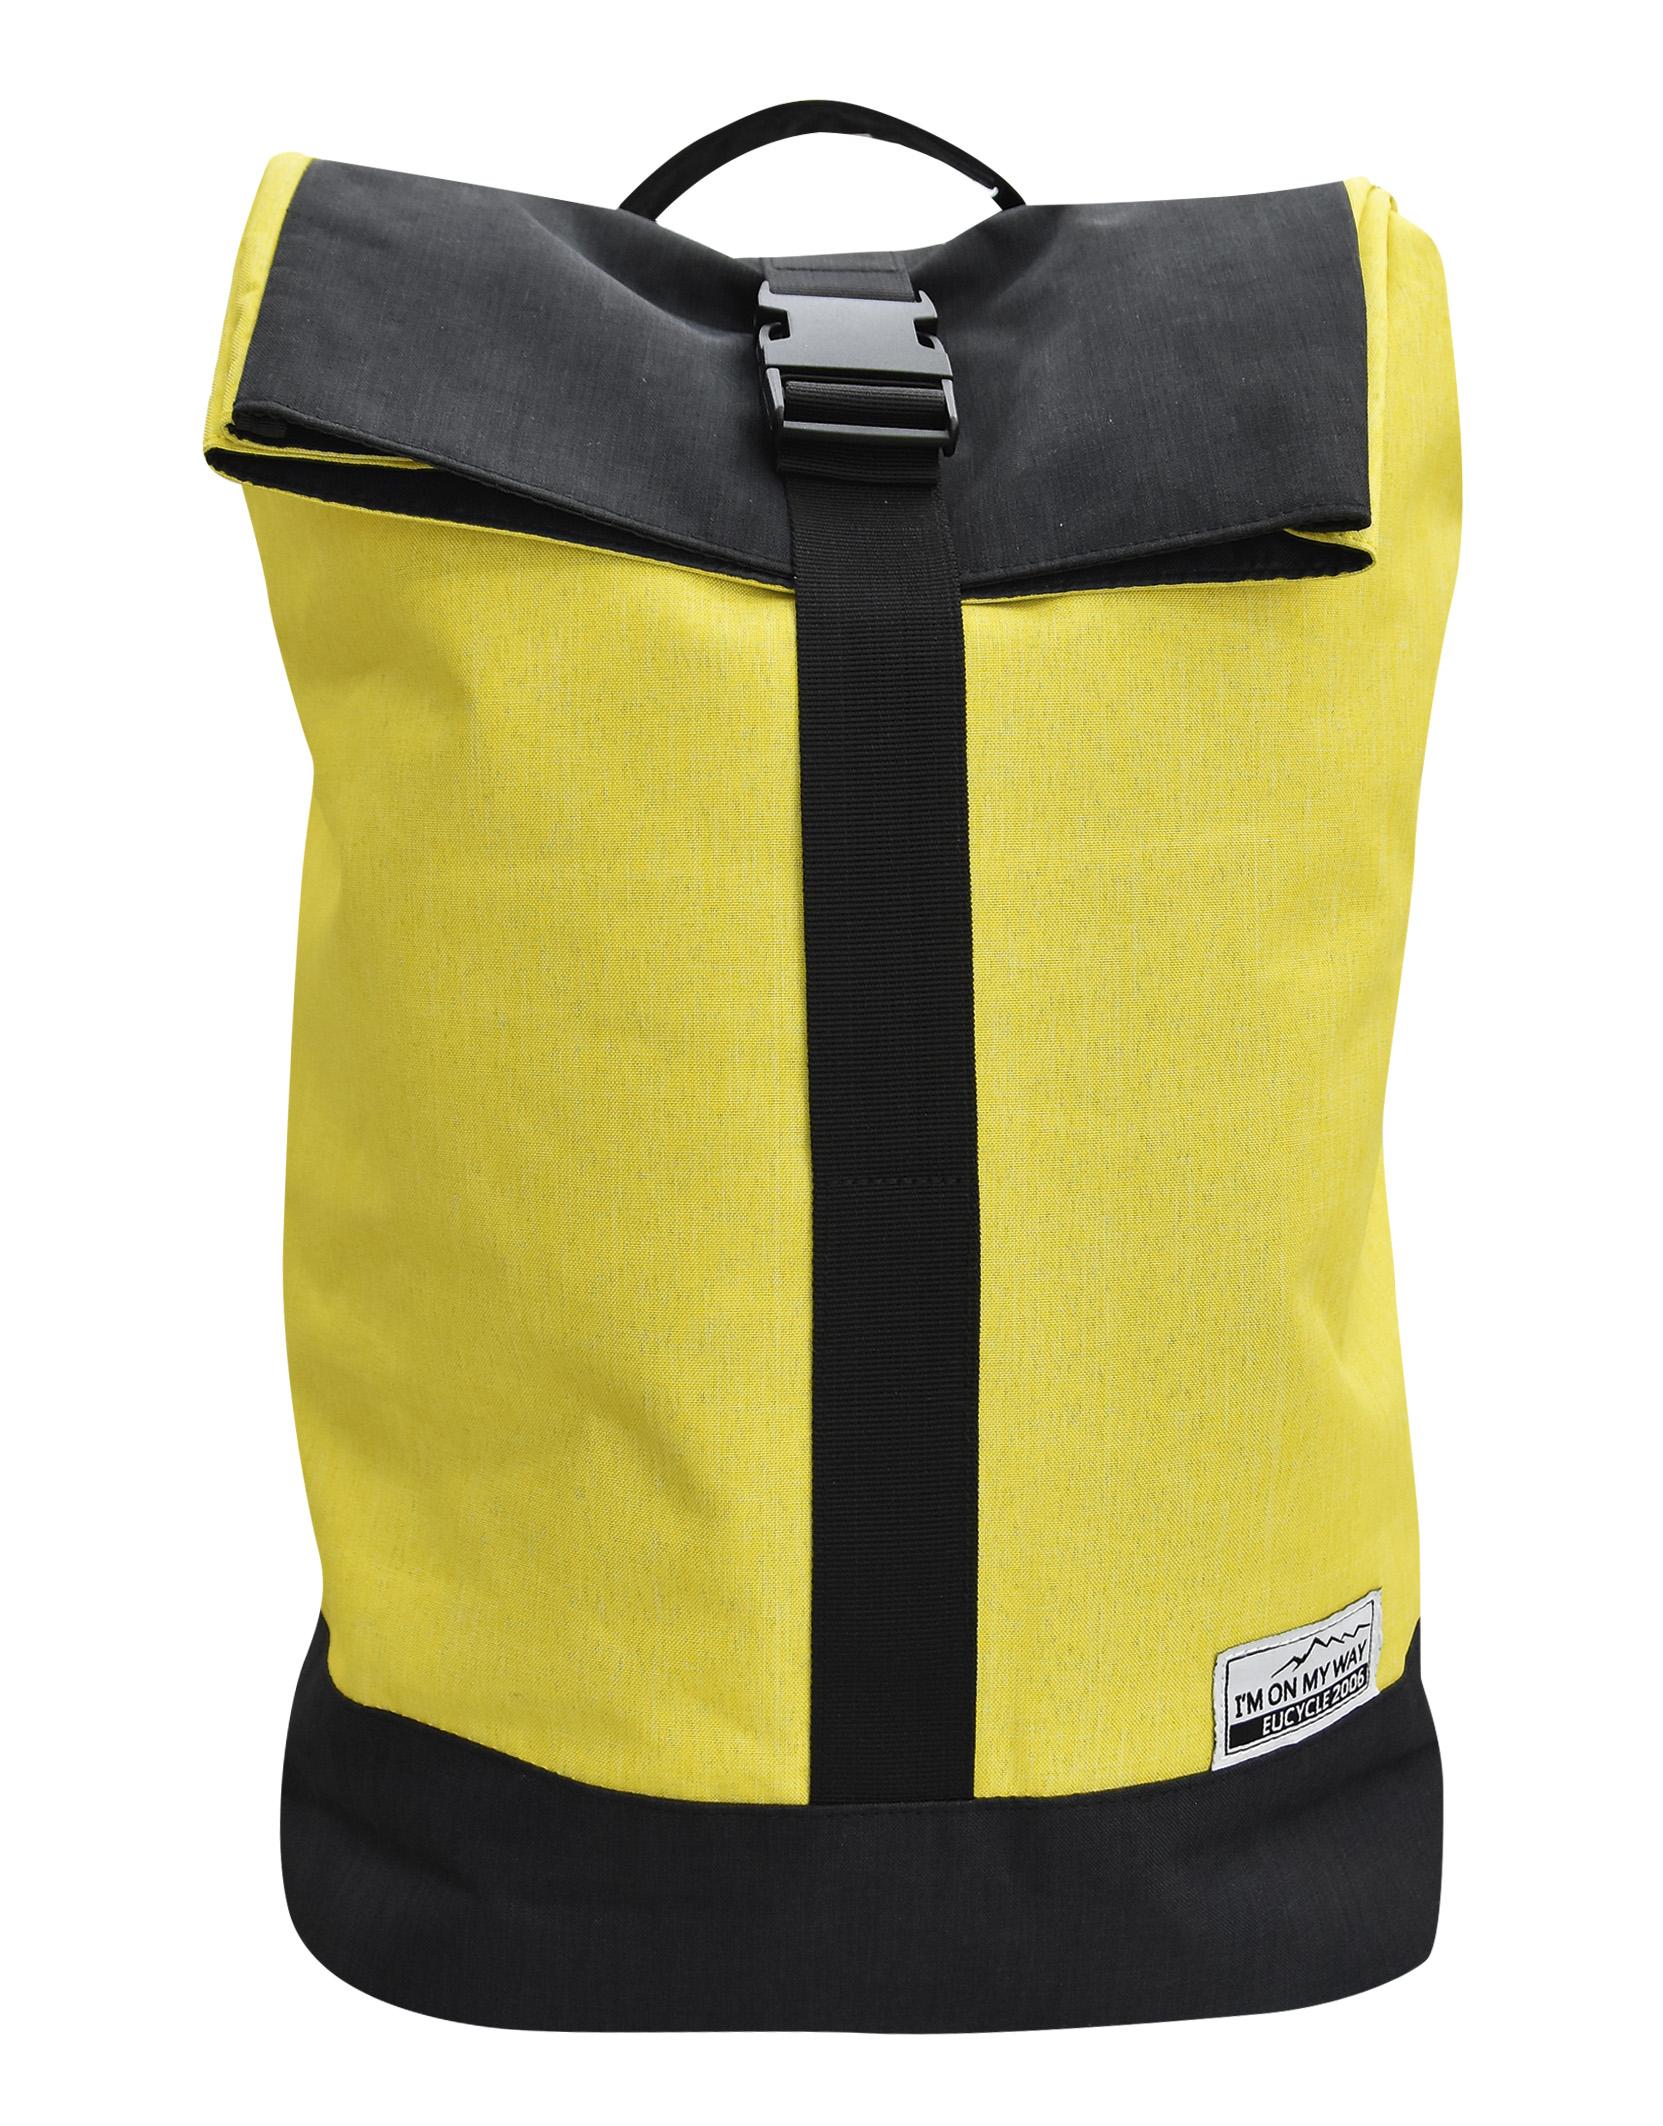 Επεκτεινόμενο Σακίδιο Πλάτης για Laptop 15.6 Ιντσών IM ON MY WAY BG049 Κίτρινο